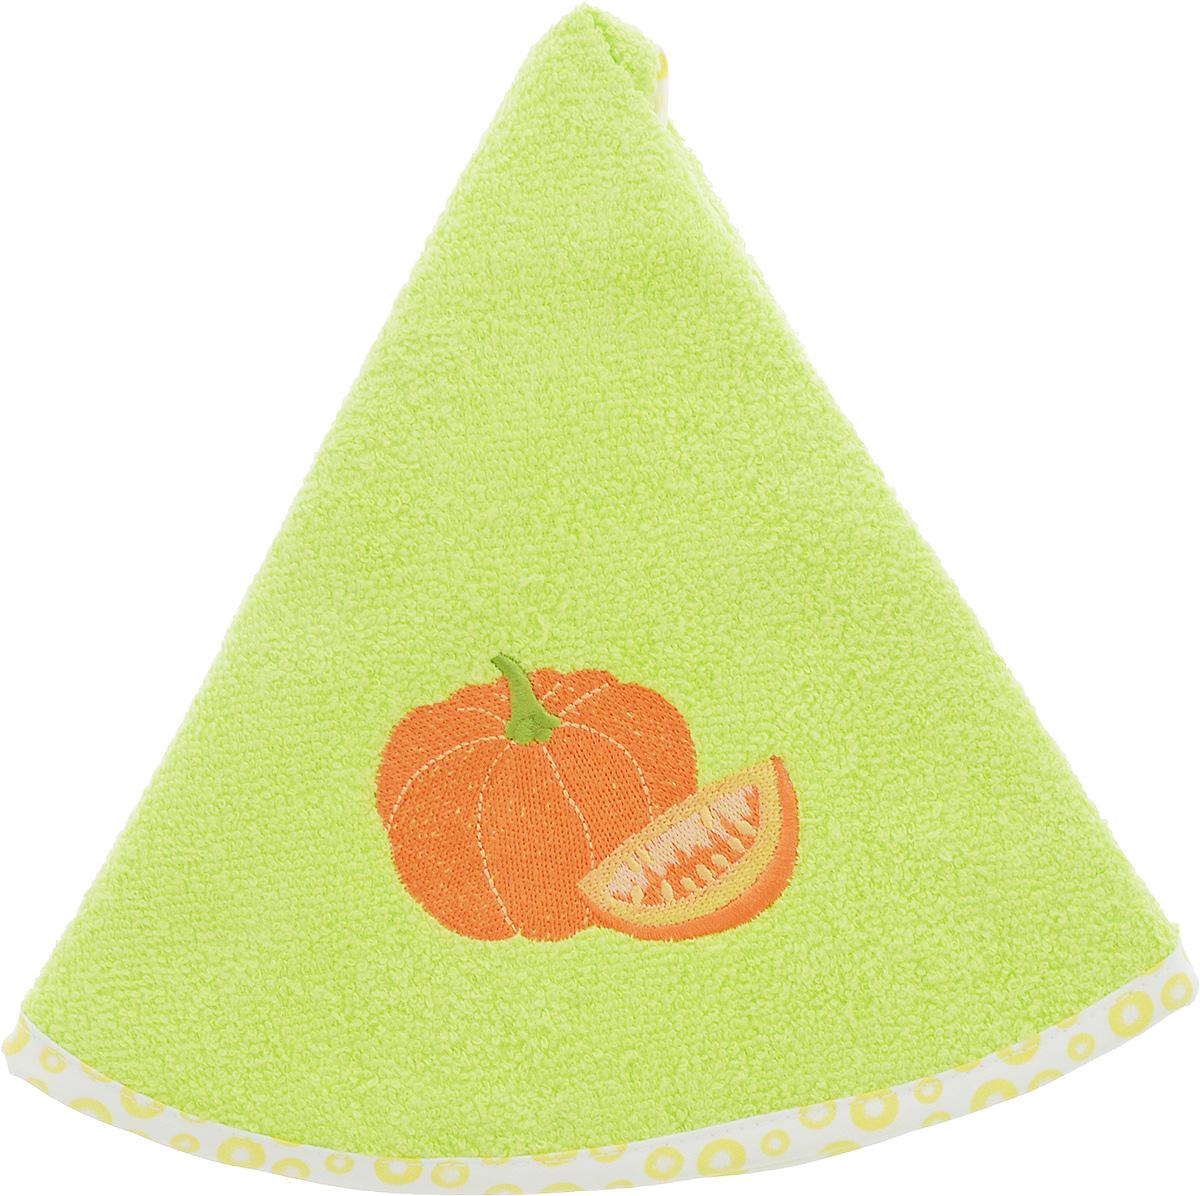 Полотенце кухонное Karna Zelina. Тыква, цвет: салатовый, оранжевый, диаметр 50 см504/CHAR005_салатовыйКруглое кухонное полотенце Karna Zelina. Тыква изготовлено из 100% хлопка, поэтому является экологически чистым. Качество материала гарантирует безопасность не только взрослым, но и самым маленьким членам семьи. Изделие мягкое и пушистое, оснащено удобной петелькой и украшено оригинальной вышивкой. Кухонное полотенце Karna сделает интерьер вашей кухни стильным и гармоничным. Диаметр полотенца: 50 см.